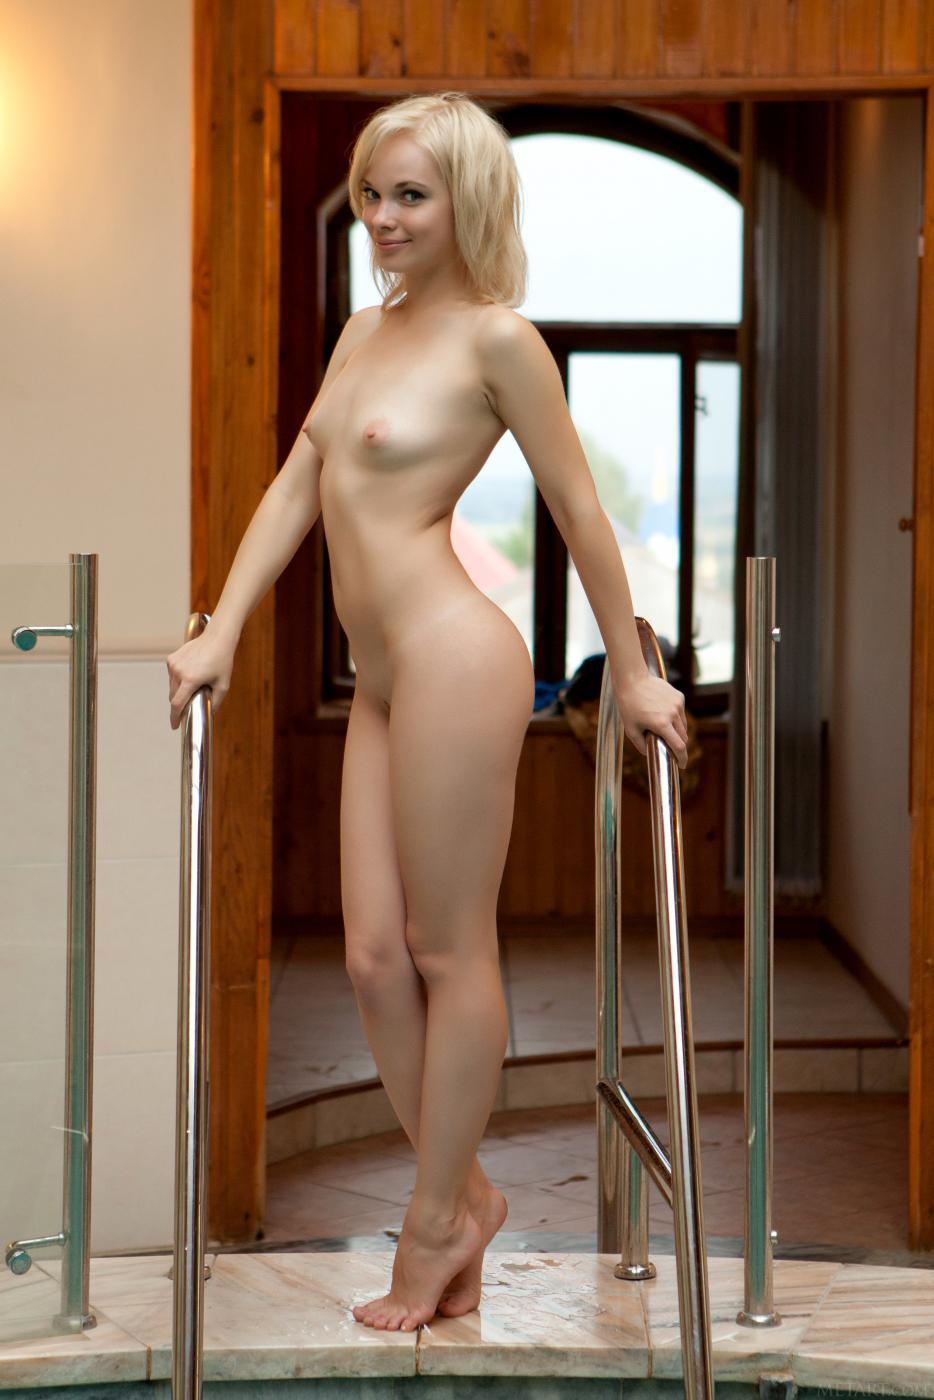 Маленькая грудь и классная бритая киска горячей блондинки Feeona A на этих горячих кадрах